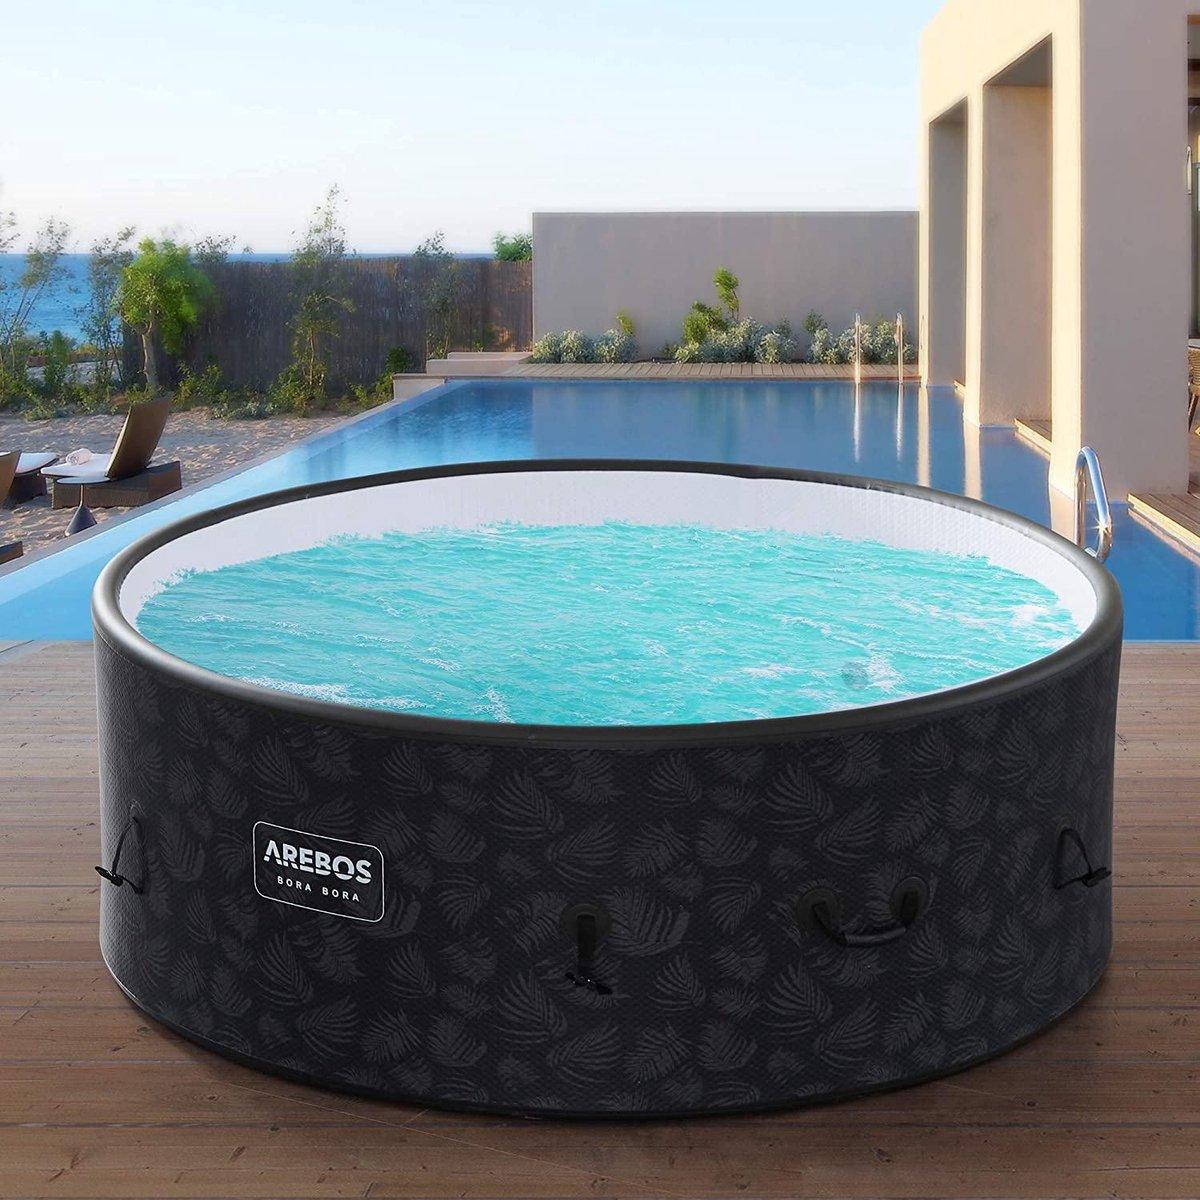 |bubbelbad| jacuzzi | jacuzzi Opblaasbaar | In- & Outdoor | 7 personen | Drop-Stitch | 130 massagejets | met verwarming | 1120 liter | Incl. afdekking | Bubble Spa & Wellness Massage